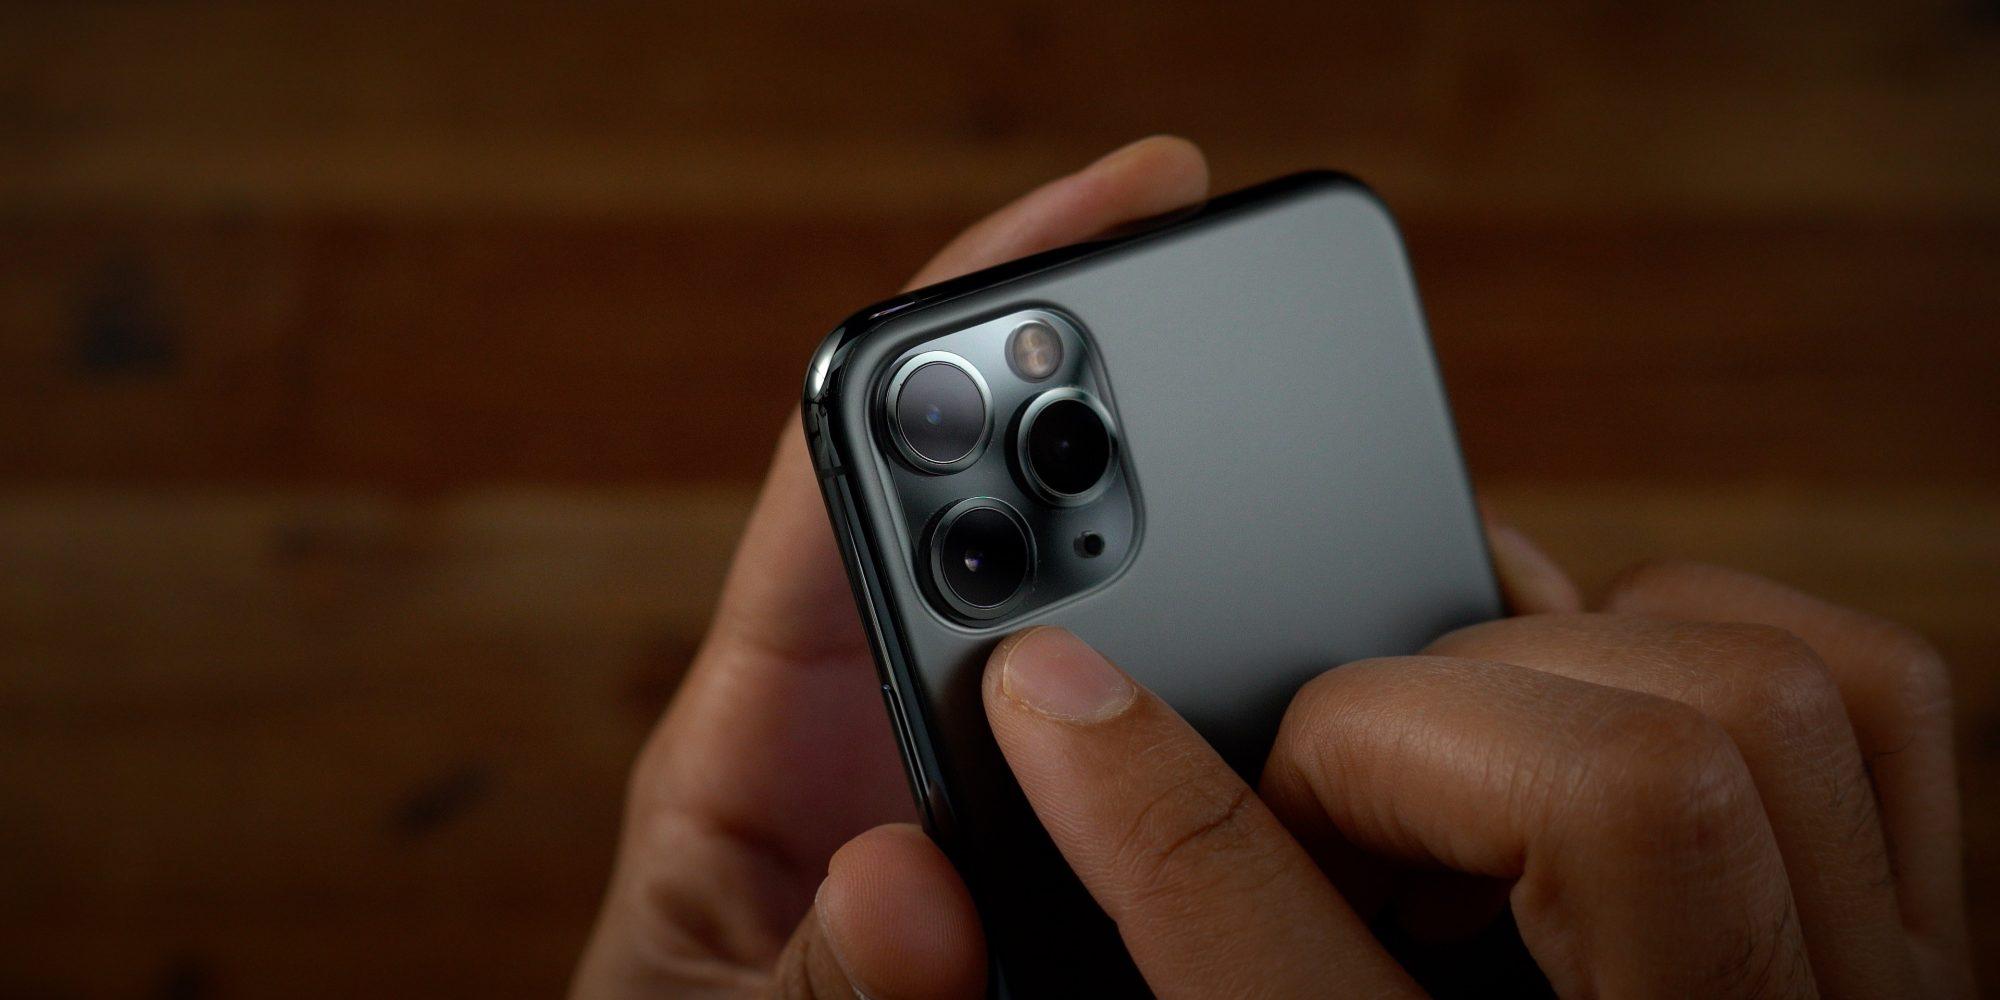 据悉 2020 iPhone 支持传感器位移式防抖